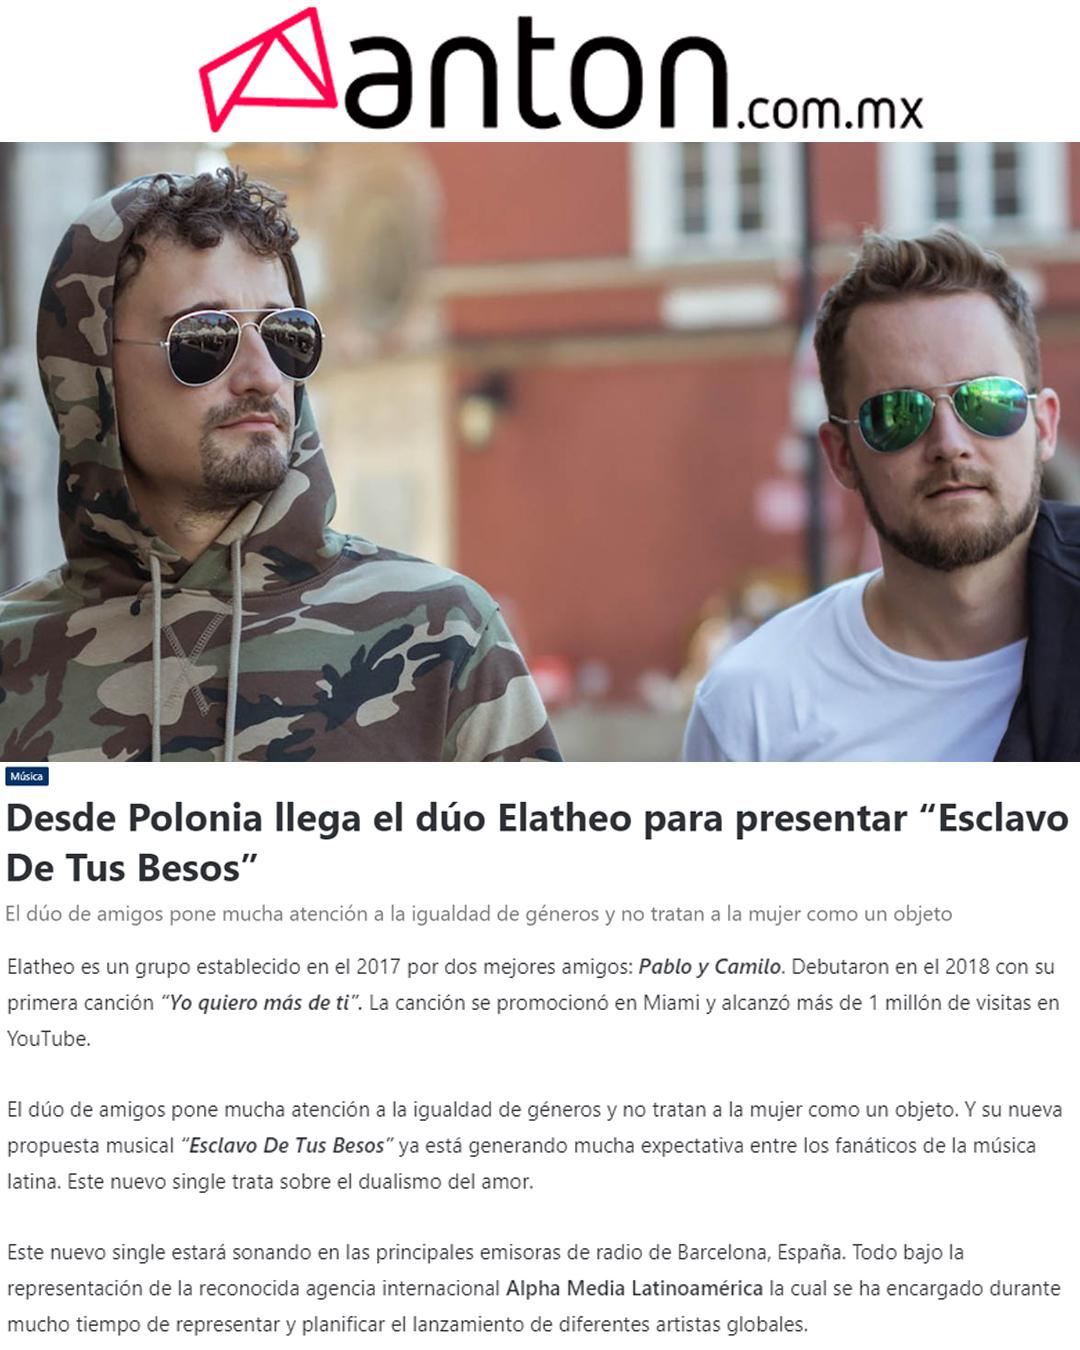 Anton noticias mexico